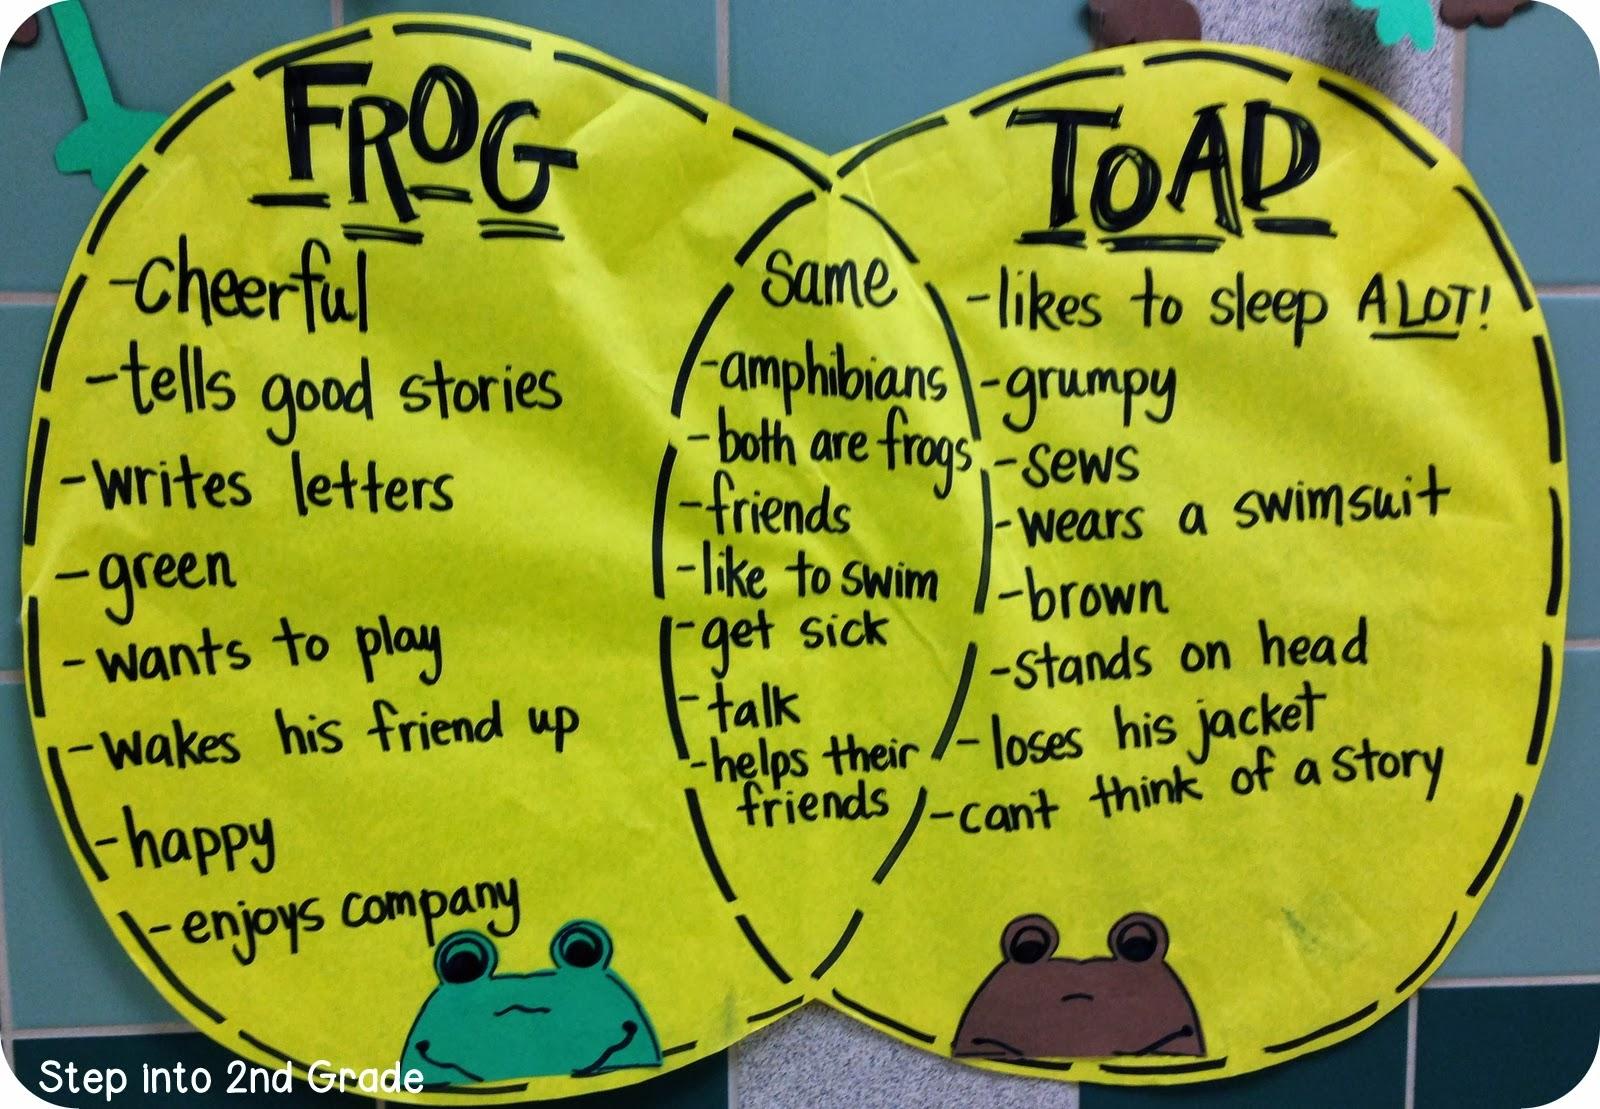 So sánh giữa 2 nhân vật Frog và Toad trong cuốn sách